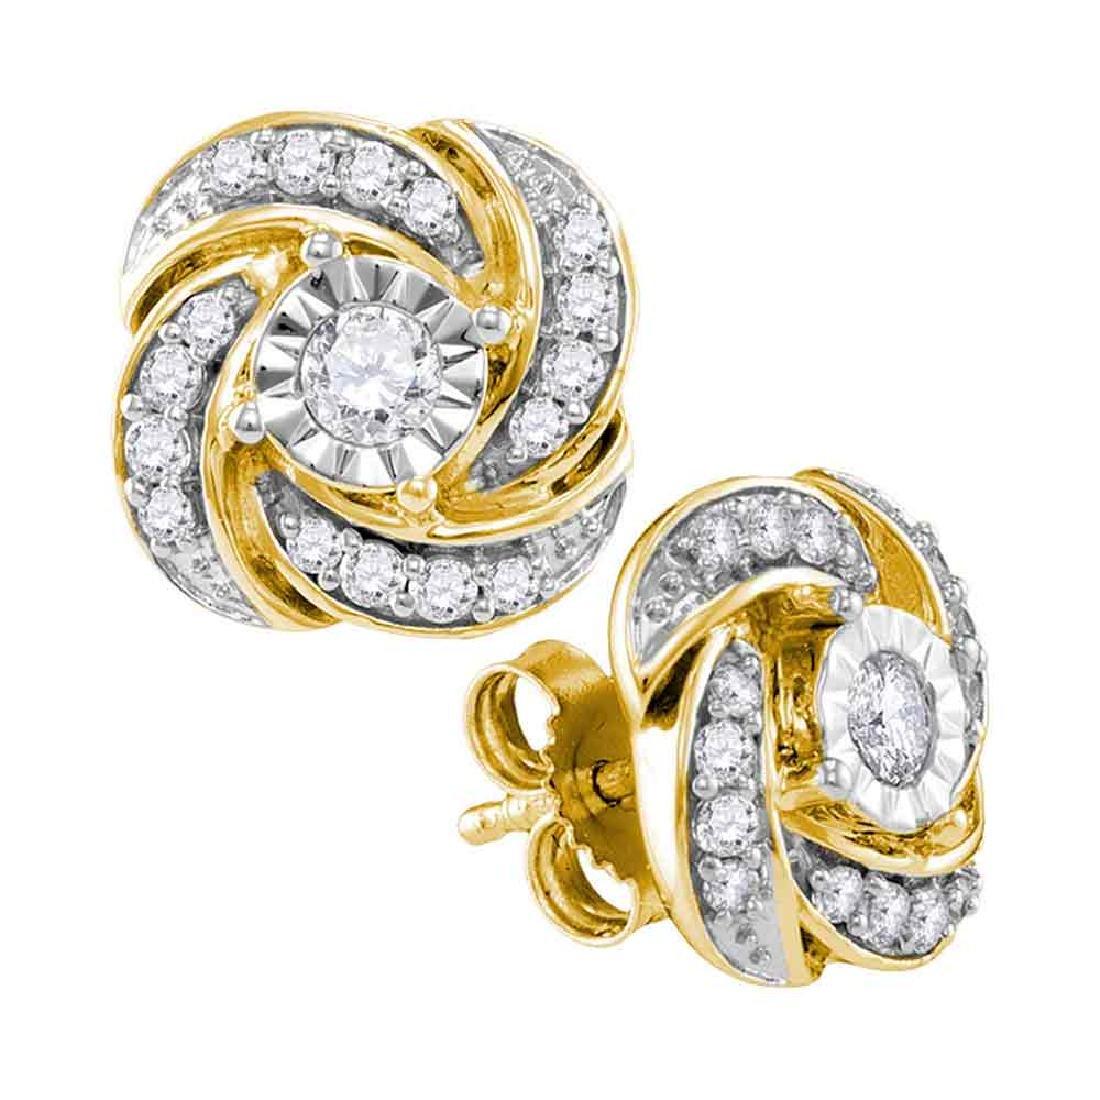 0.32 CTW Diamond Pinwheel Stud Earrings 10KT Yellow